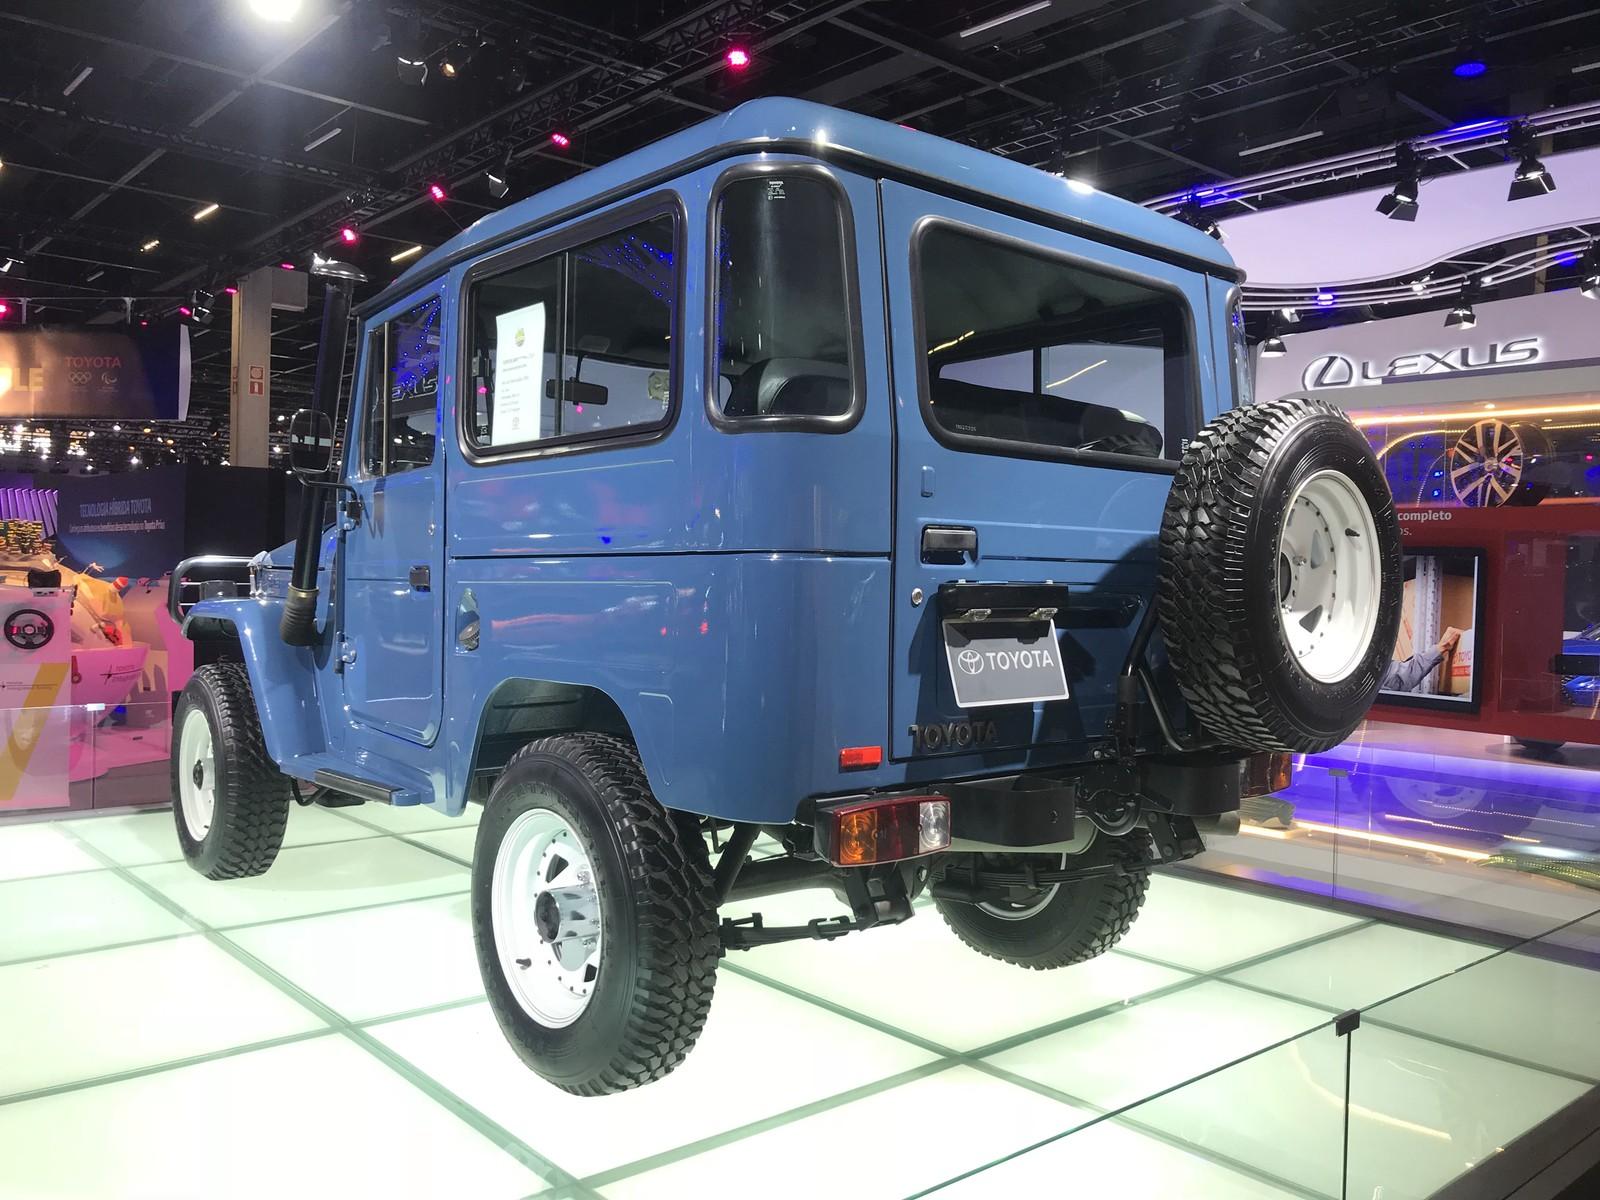 De Jeep da guerra até primeiro Porsche, marcas revivem clássicos no Salão do Automóvel Img-3854